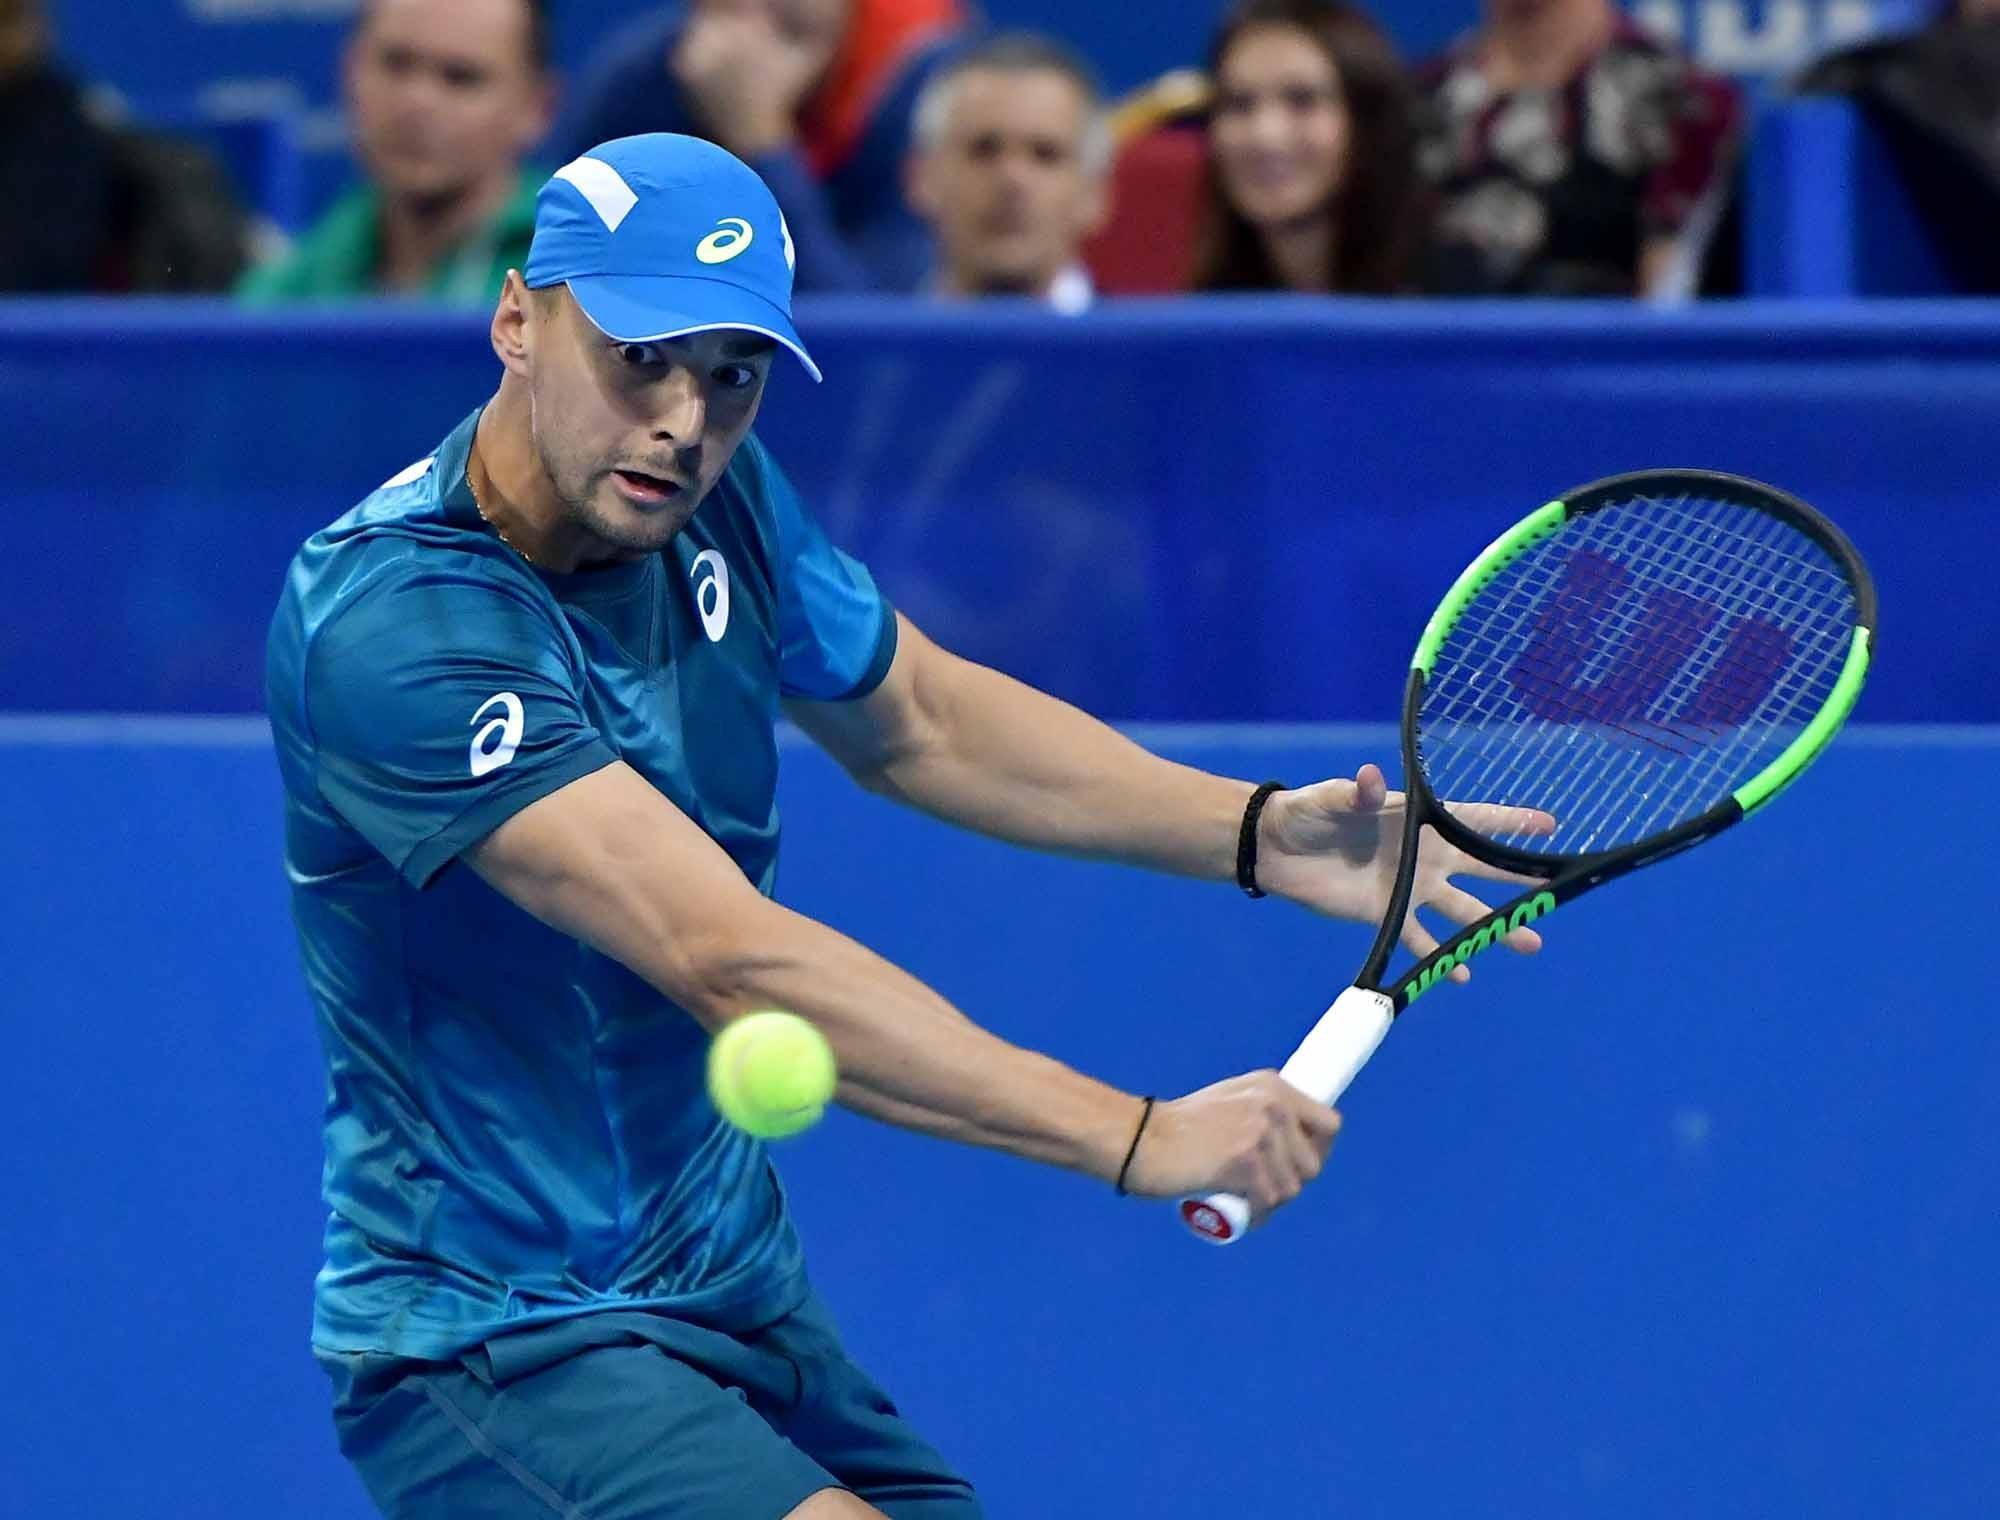 Димитър Кузманов спечели трета титла през този сезон. Националът на България